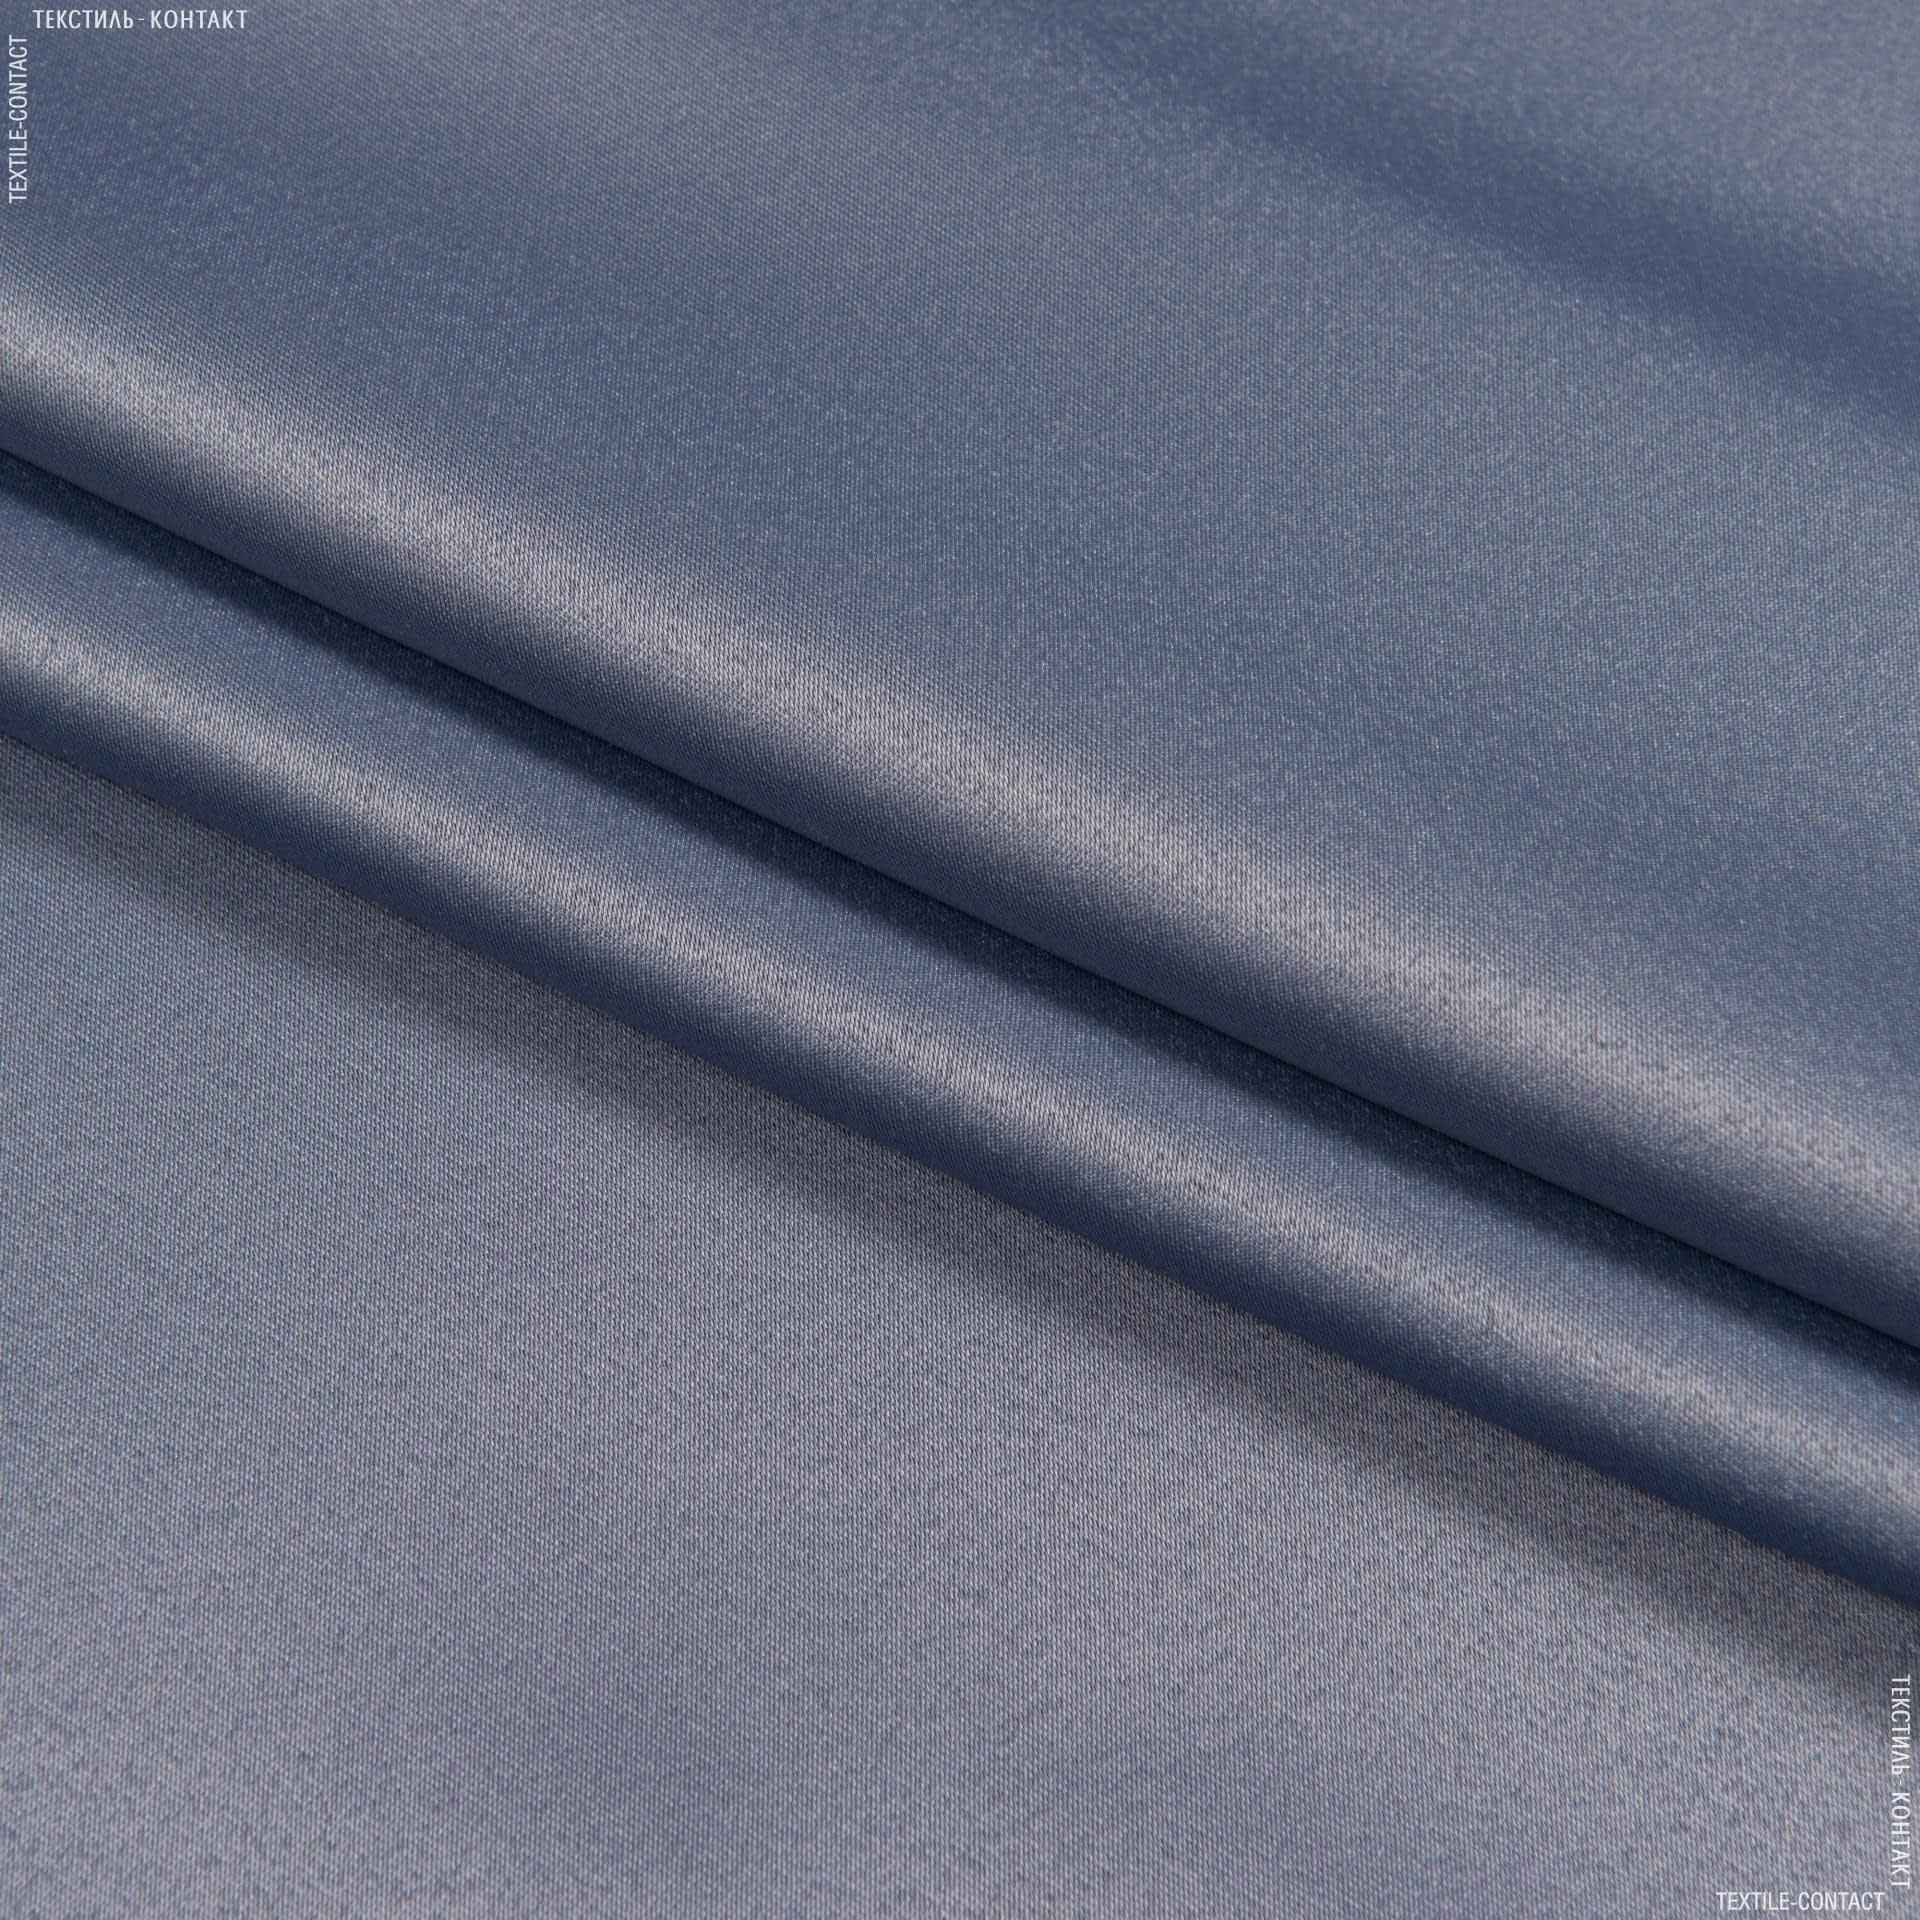 Тканини портьєрні тканини - Декоративний атлас Дека / DECA бузково-сірий